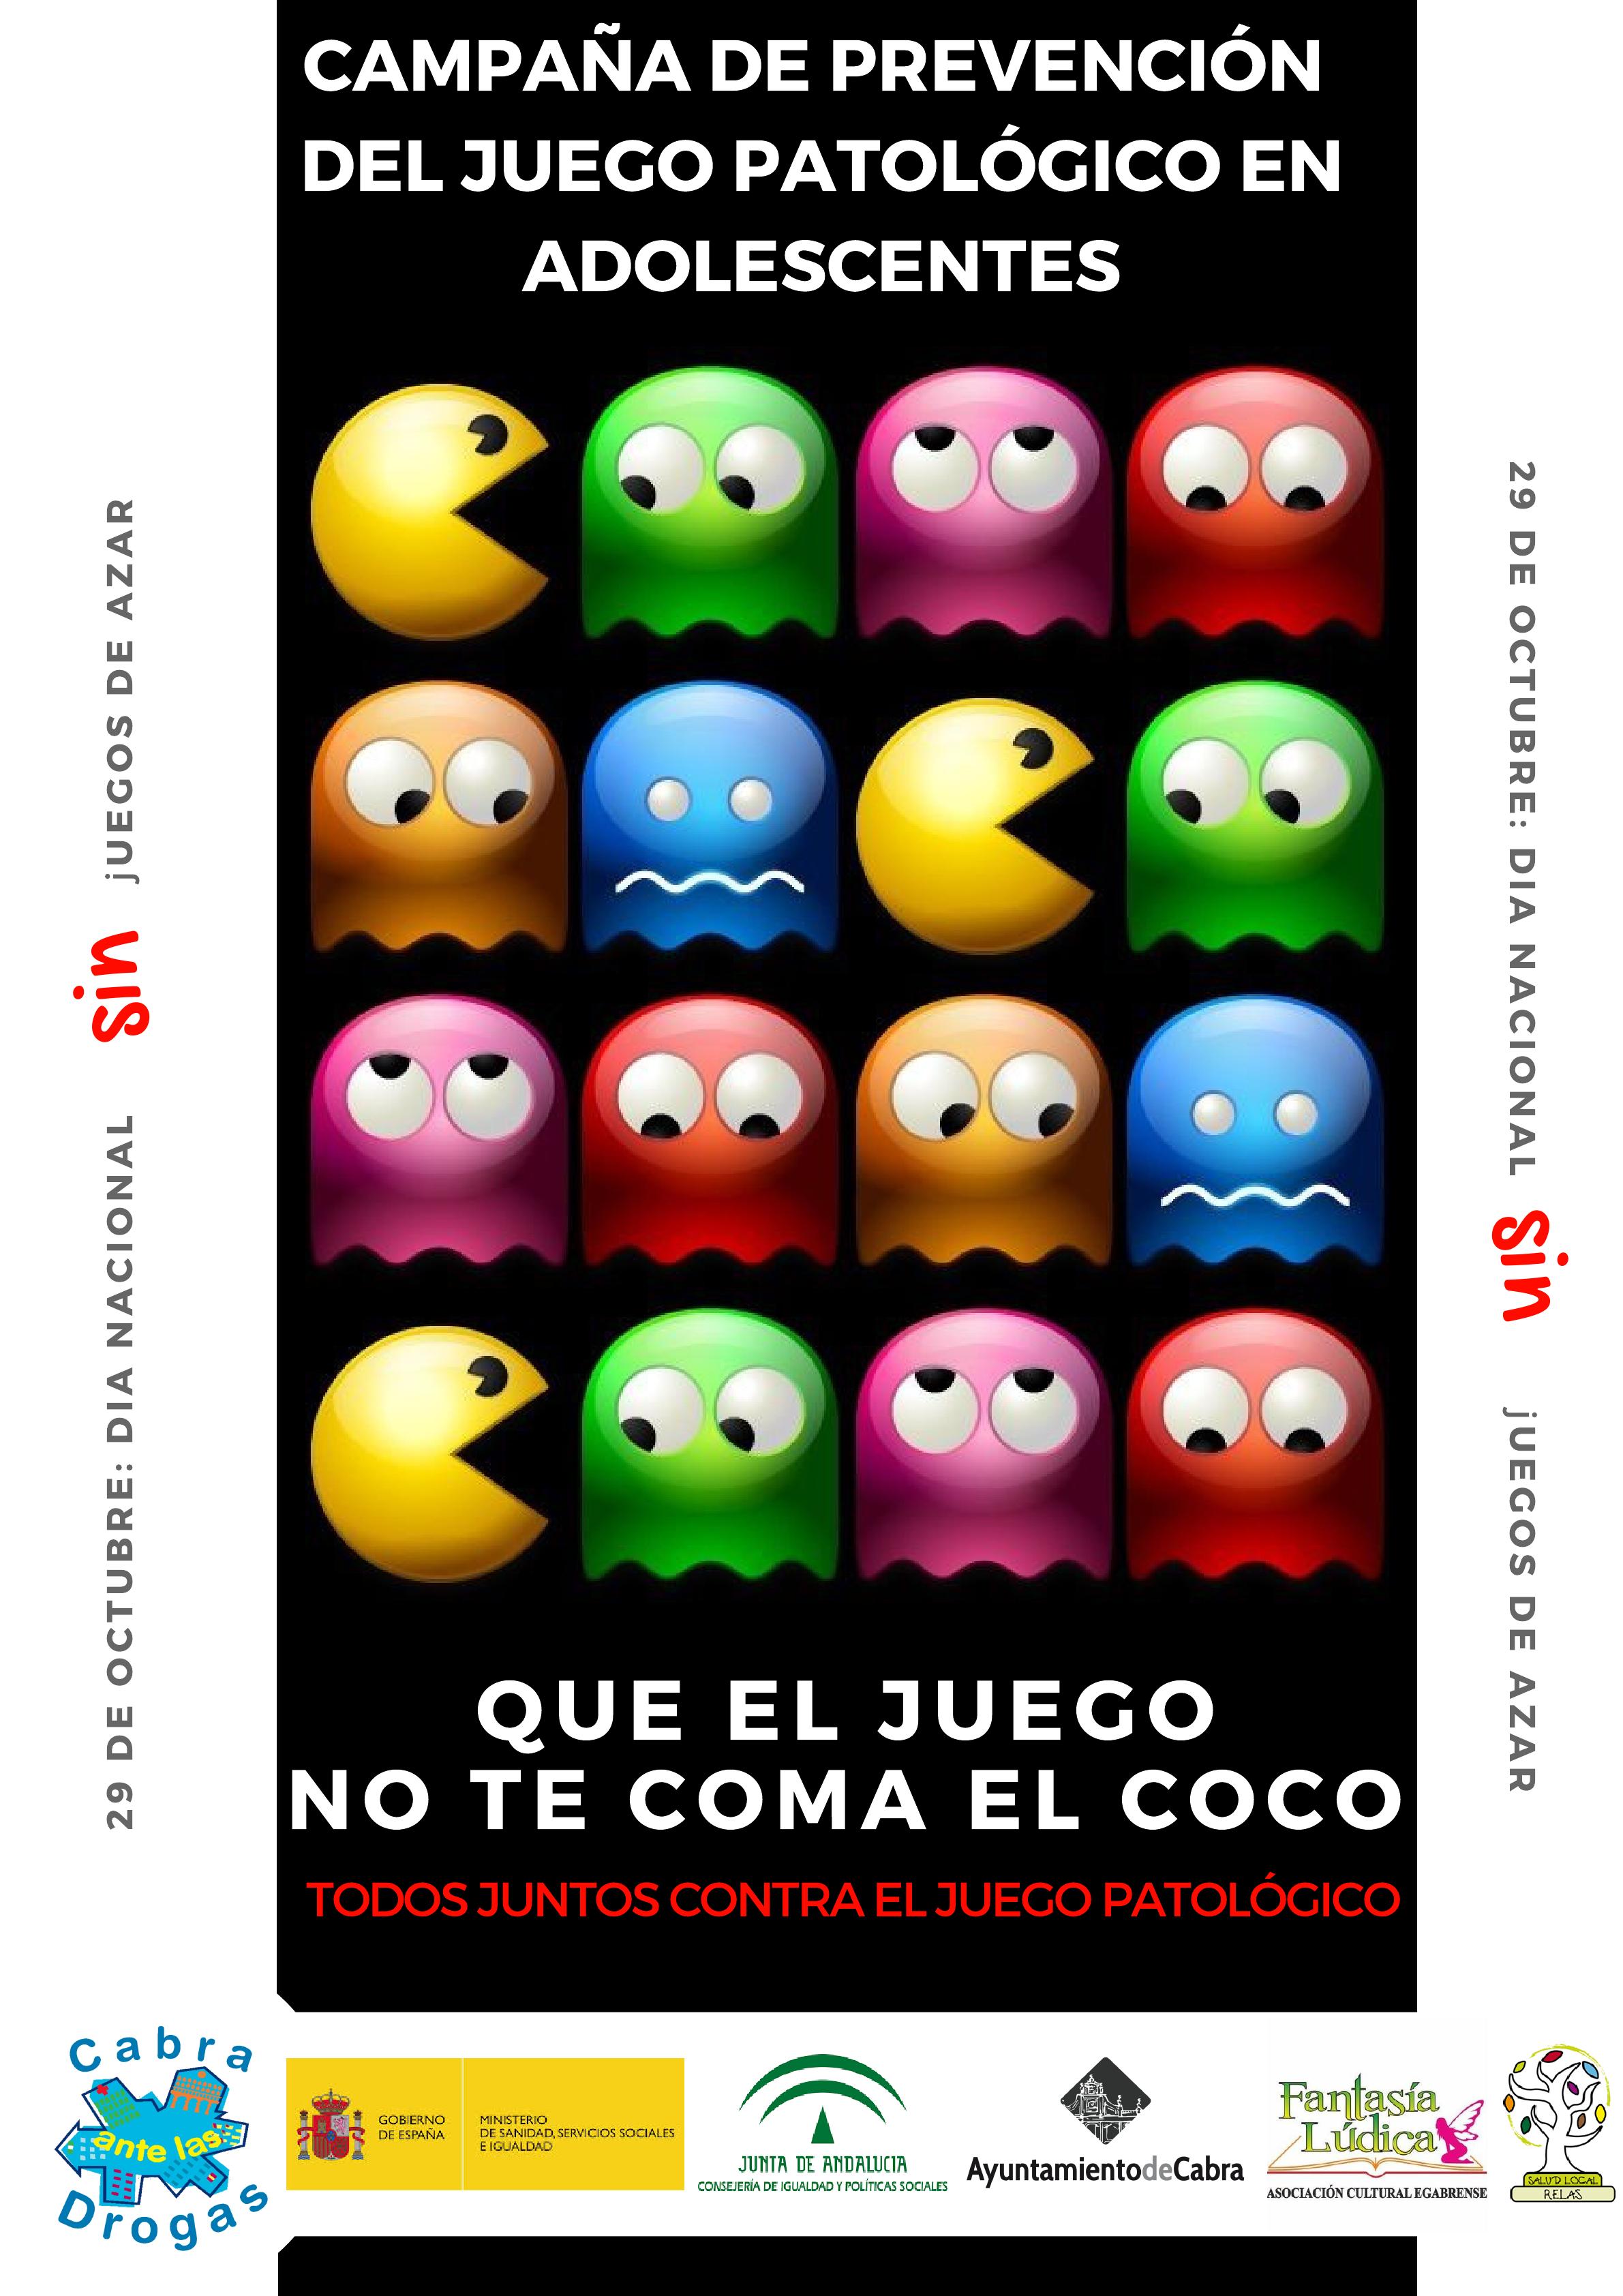 El Programa Ciudades ante las Drogas lanza una campaña de prevención contra el juego patológico